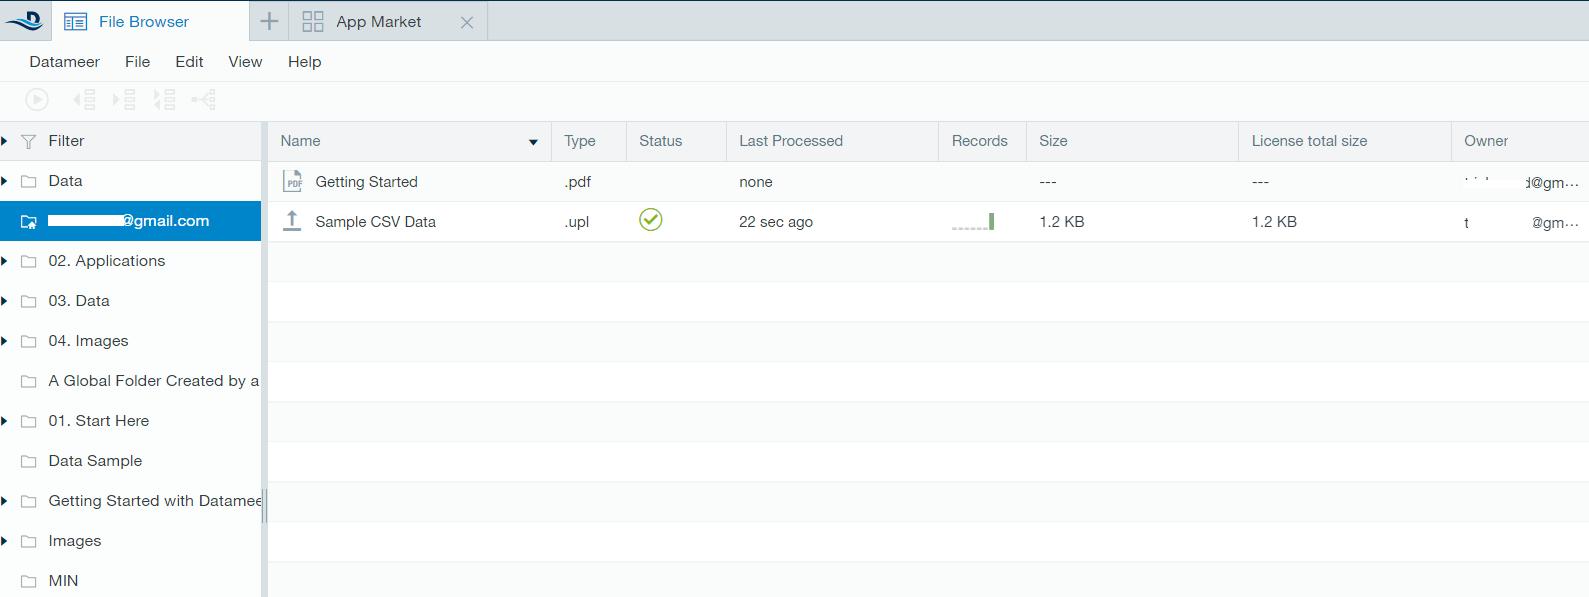 Datameer Interface